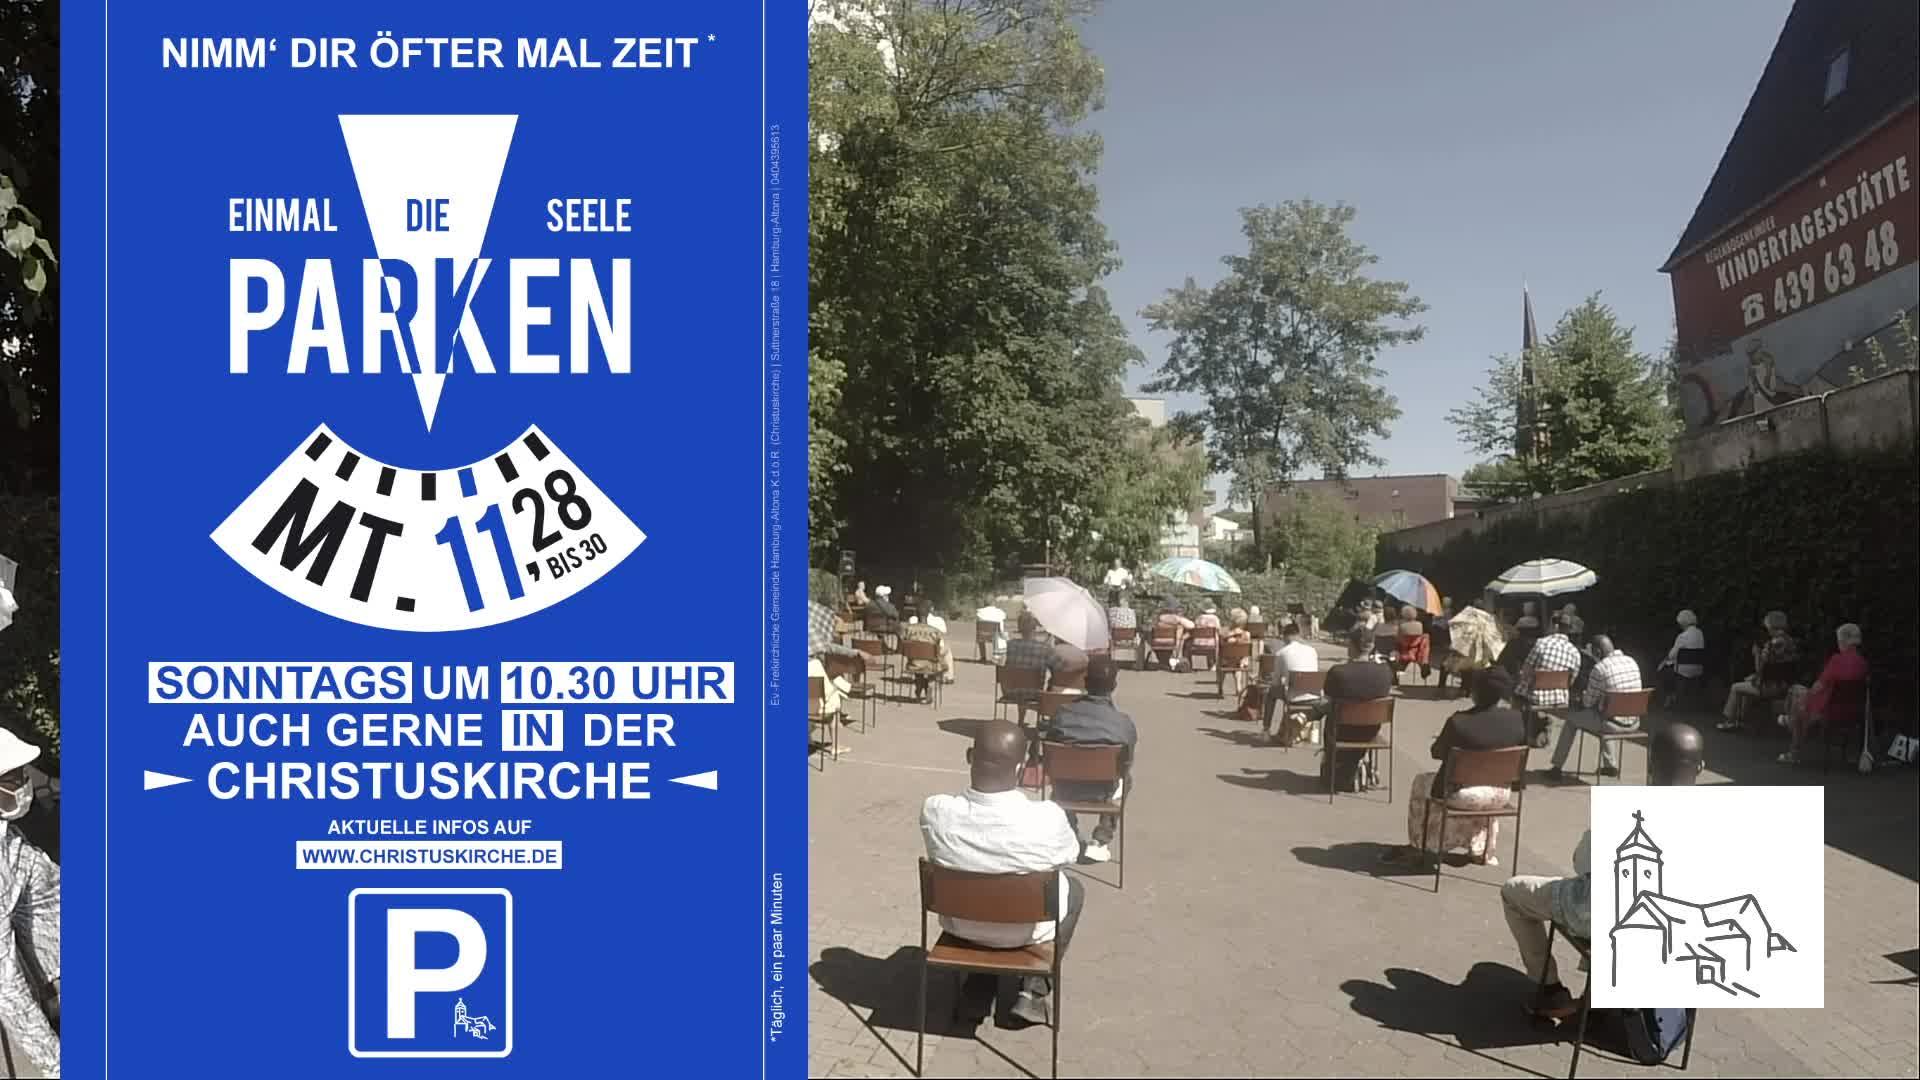 ParkplatzGottesdienst aus der Christuskirche Hamburg Altona 21. Juni - Teil 2